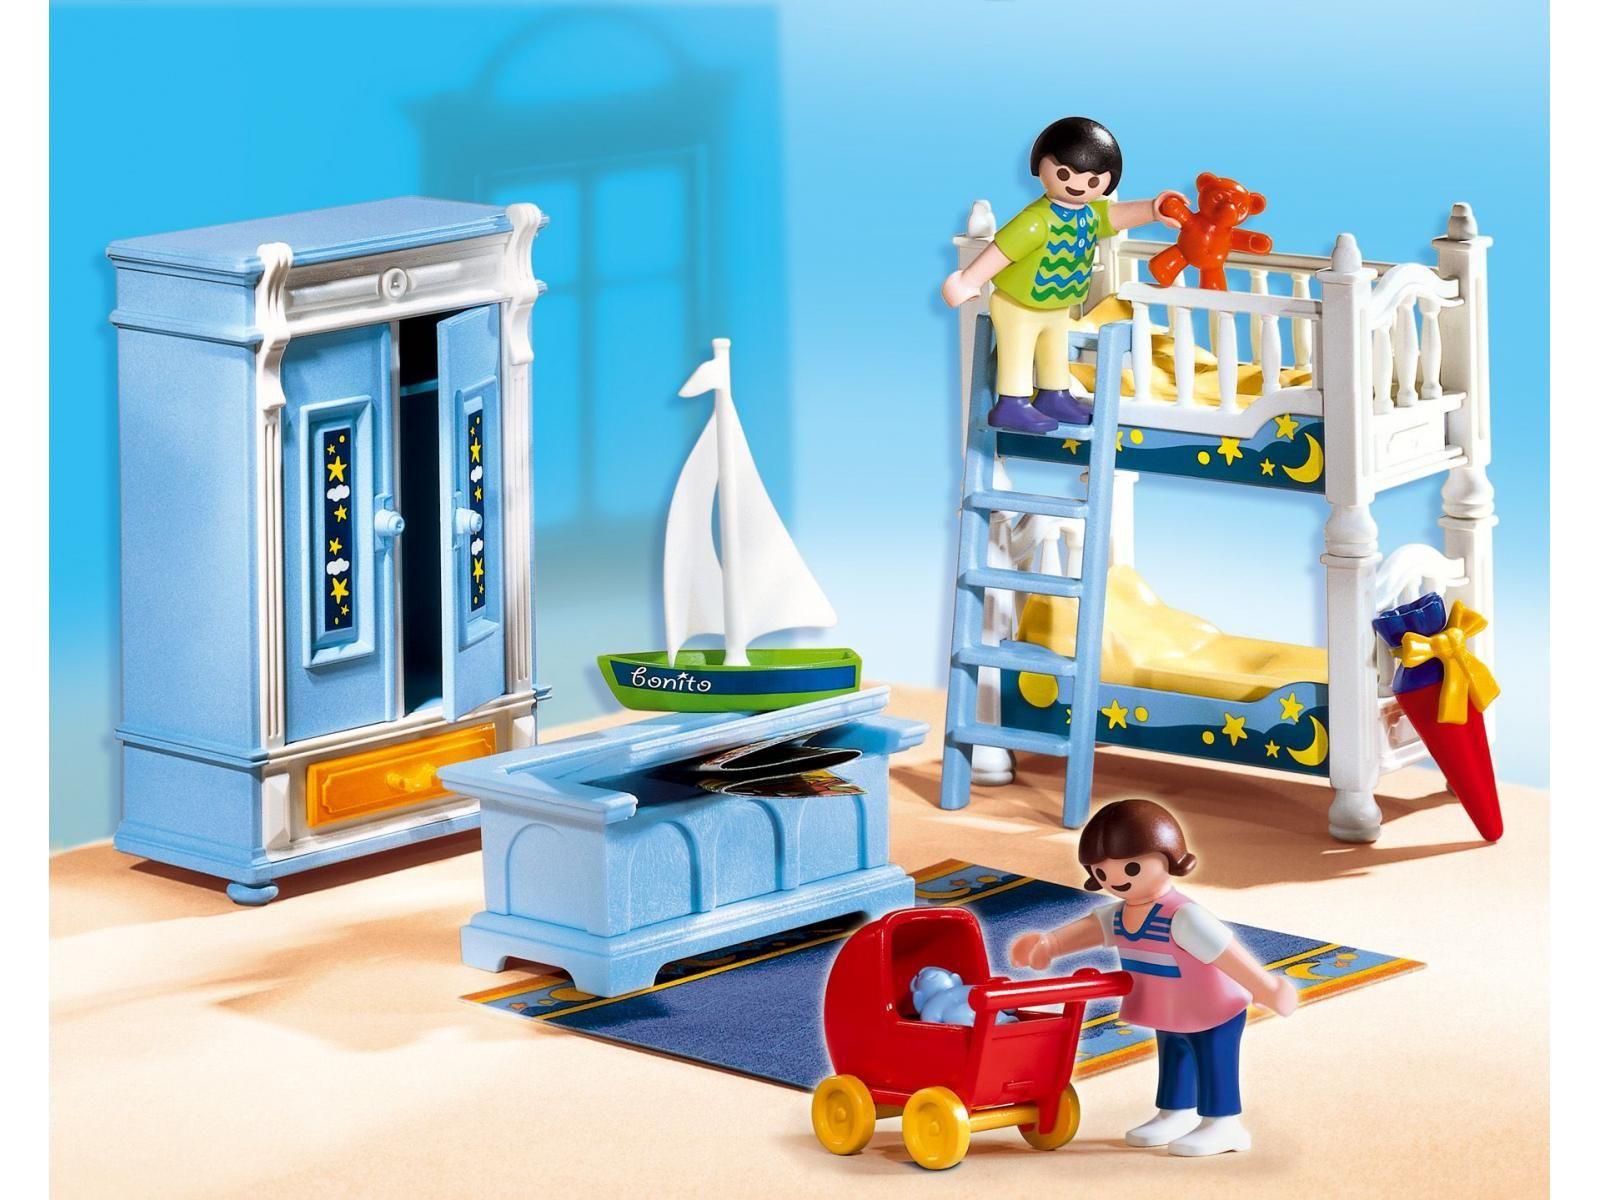 Playmobil 5328 enfants et chambre traditionnelle - Playmobil chambre enfant ...